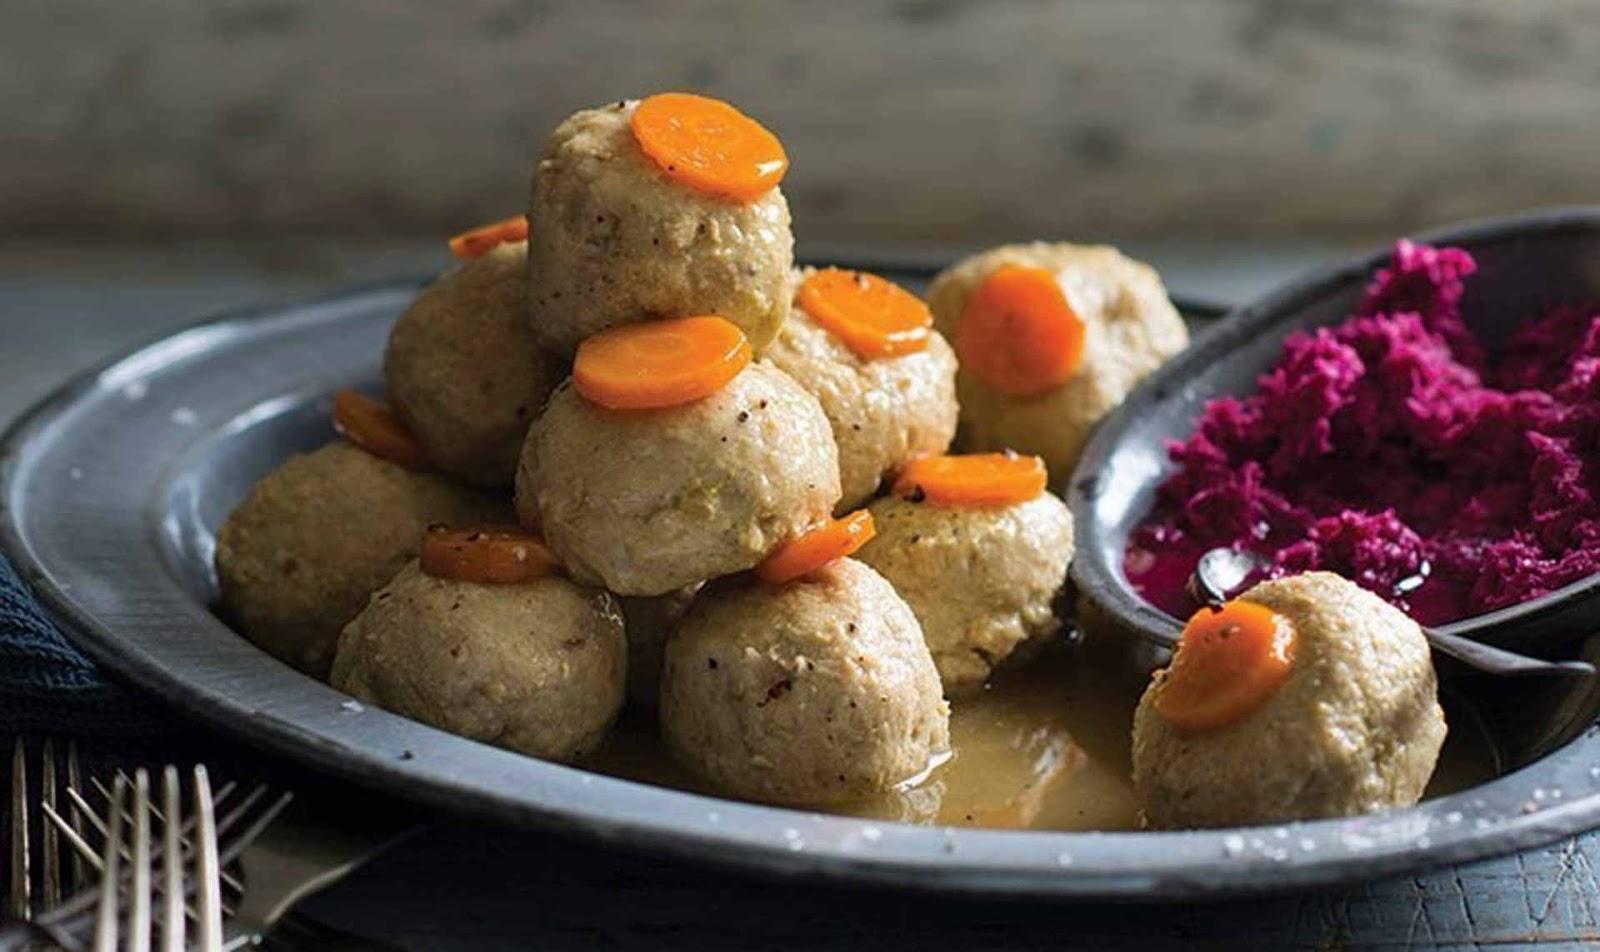 также являлся еврейская кухня рецепты с картинками детальный поиск